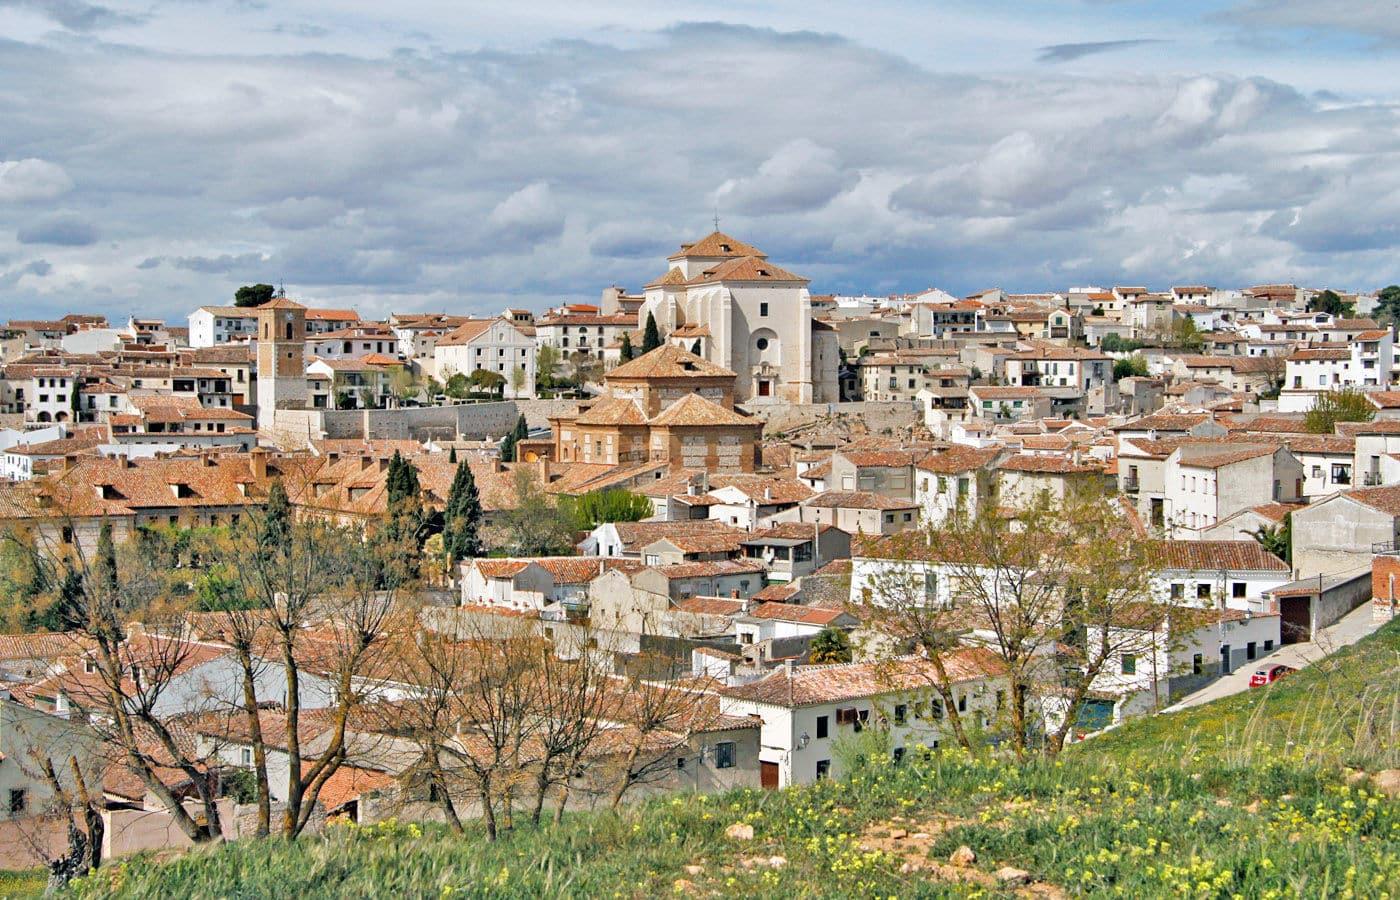 Qué ver y hacer en Chinchón, uno de los pueblos más bonitos de España